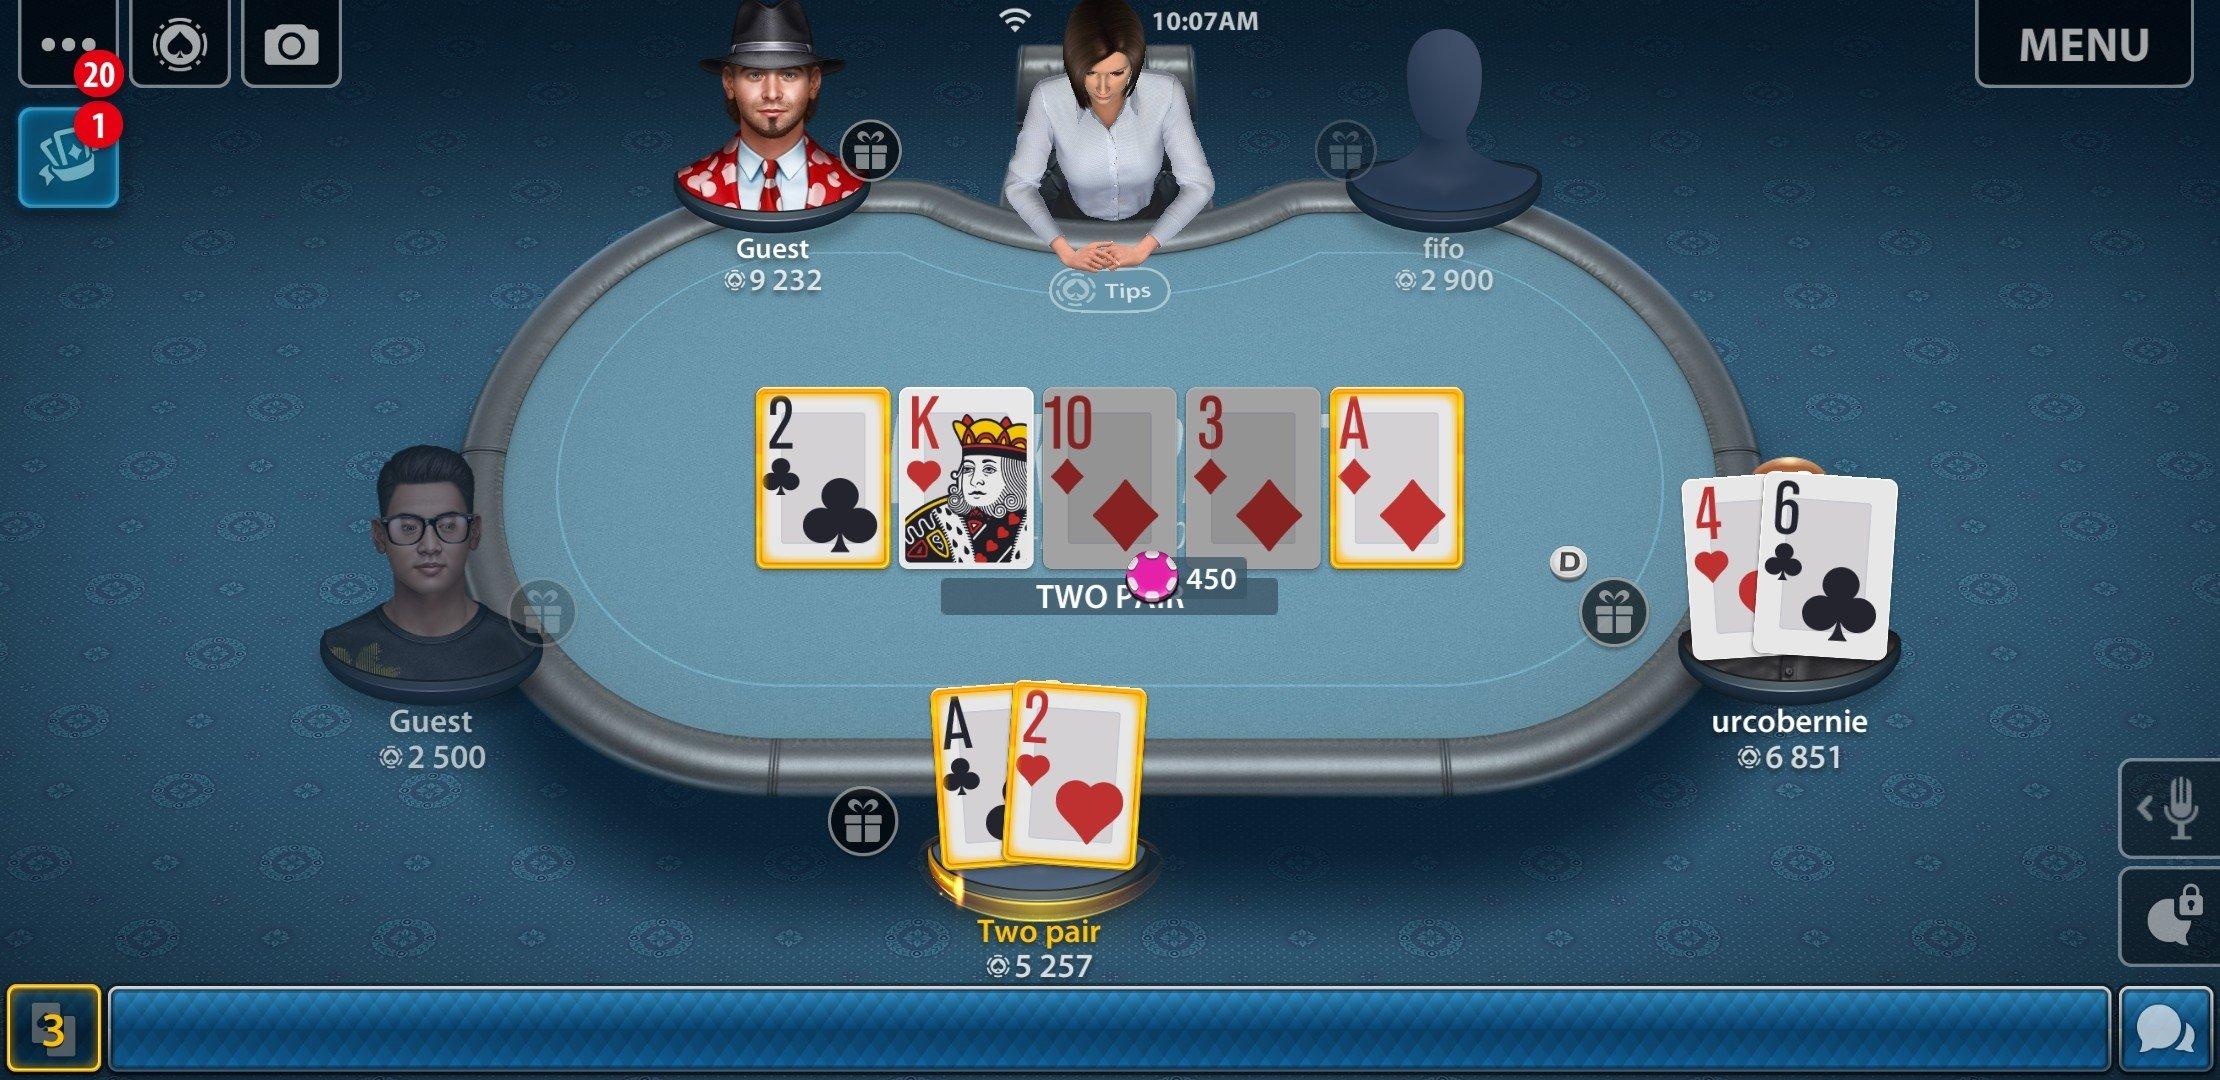 Покер игра скачать бесплатно не онлайн бесплатный покер на костях онлайн